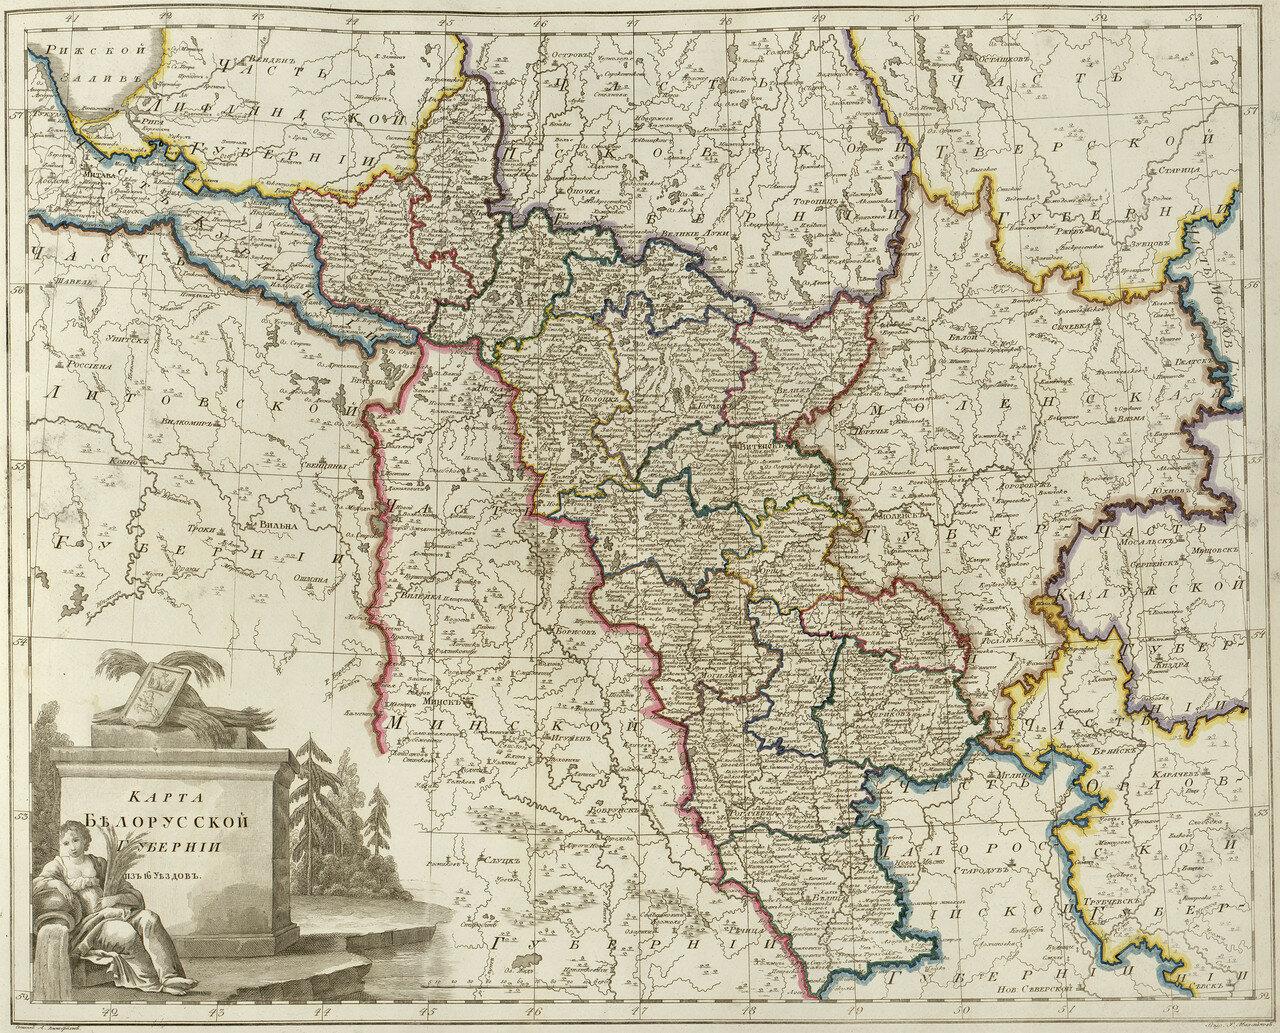 08. Карта Белорусской губернии